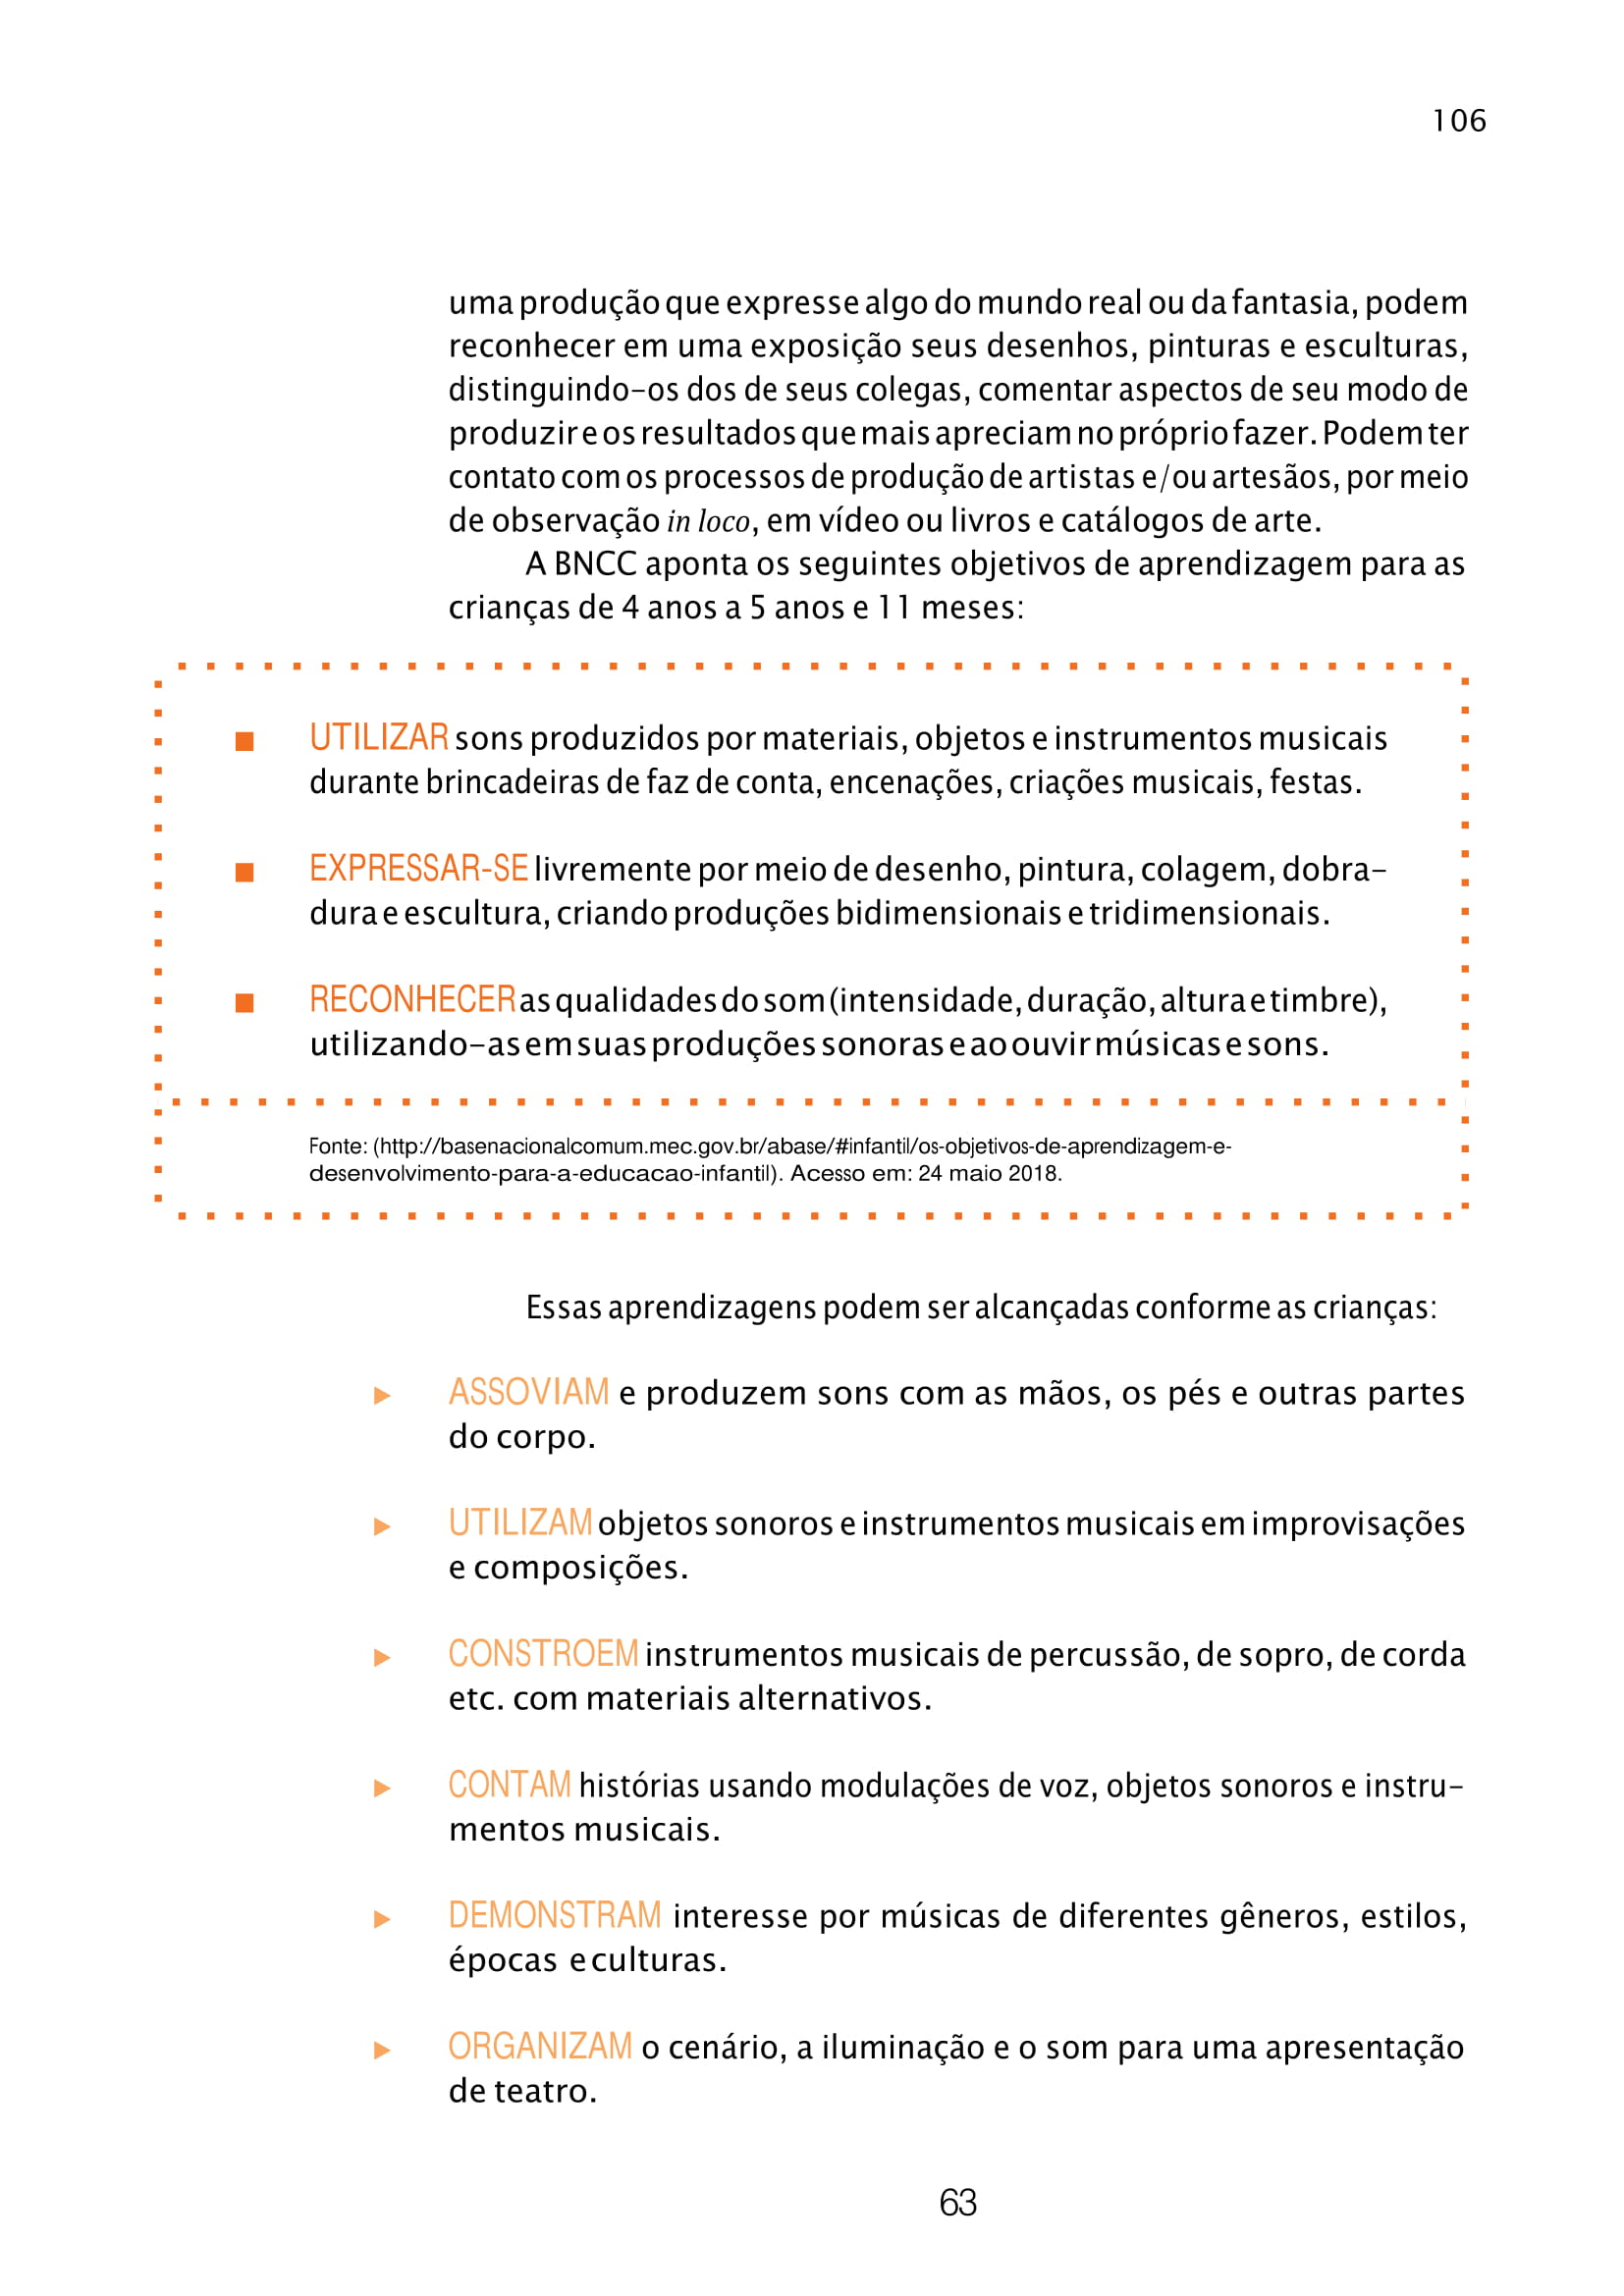 planejamento-educação-infantil-bncc-geral-136